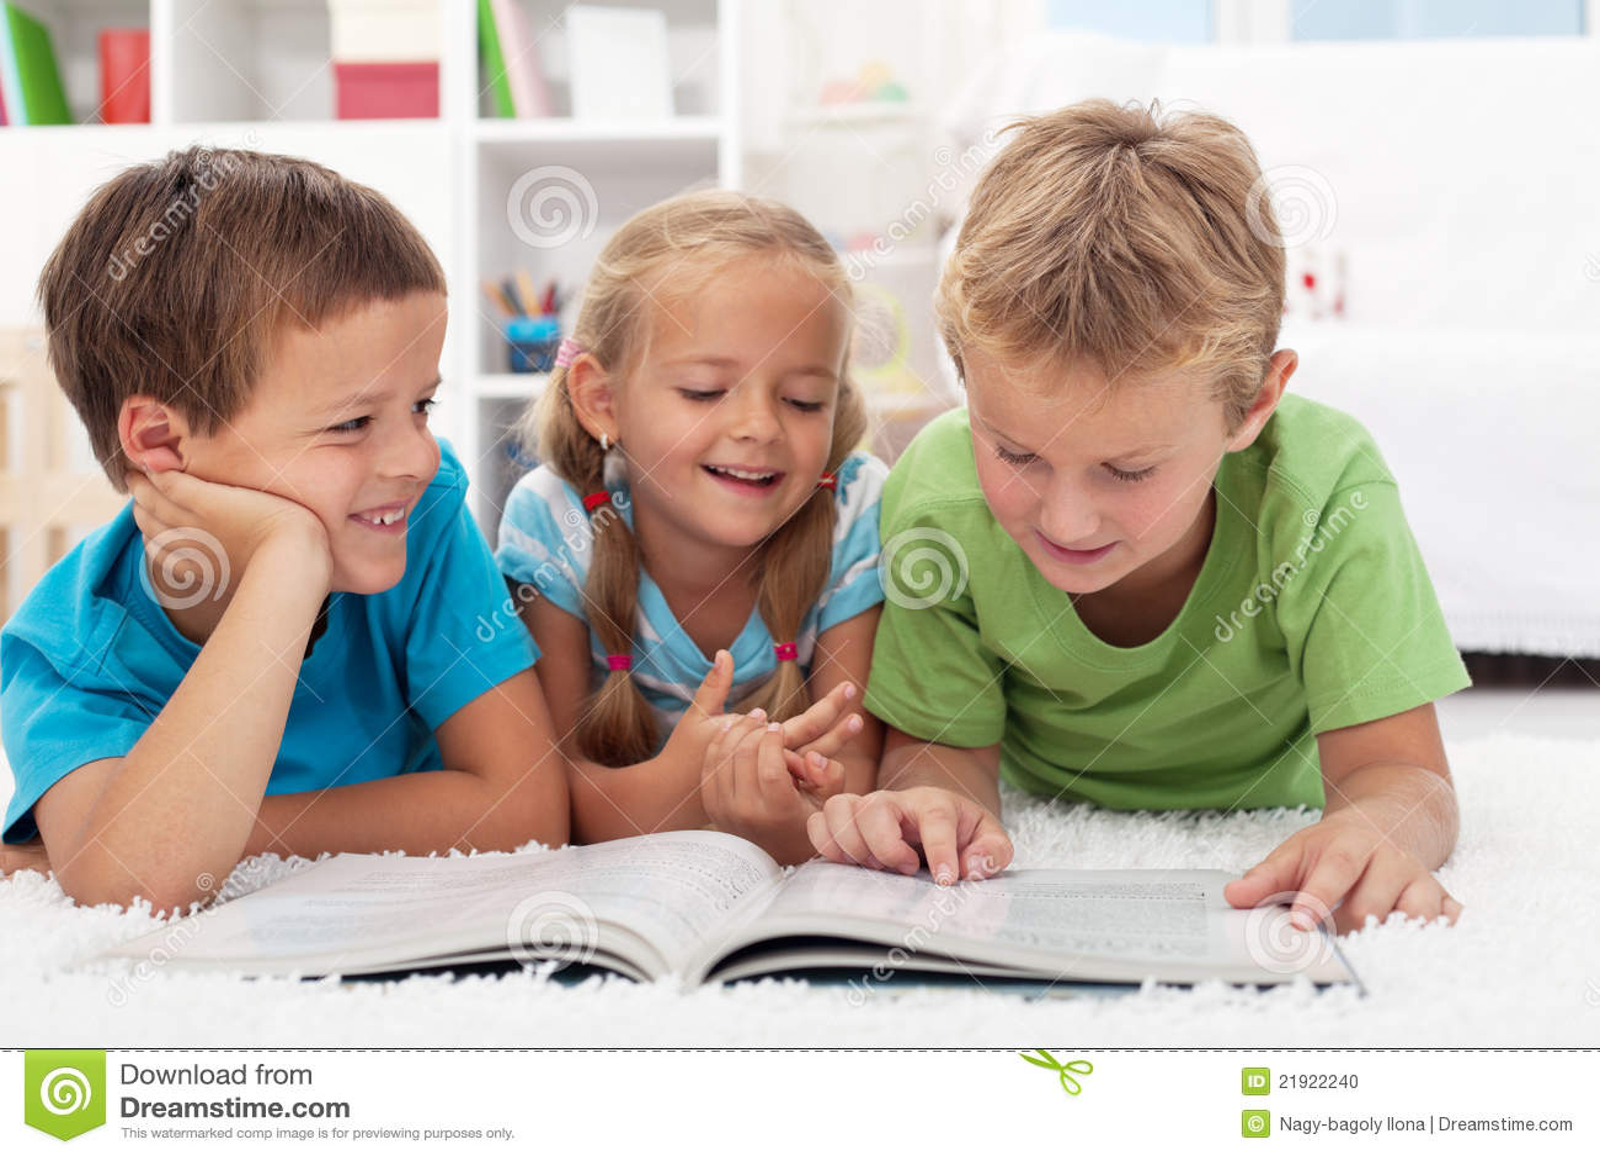 Kids Having Fun Reading Stock Photo - Image: 21922240